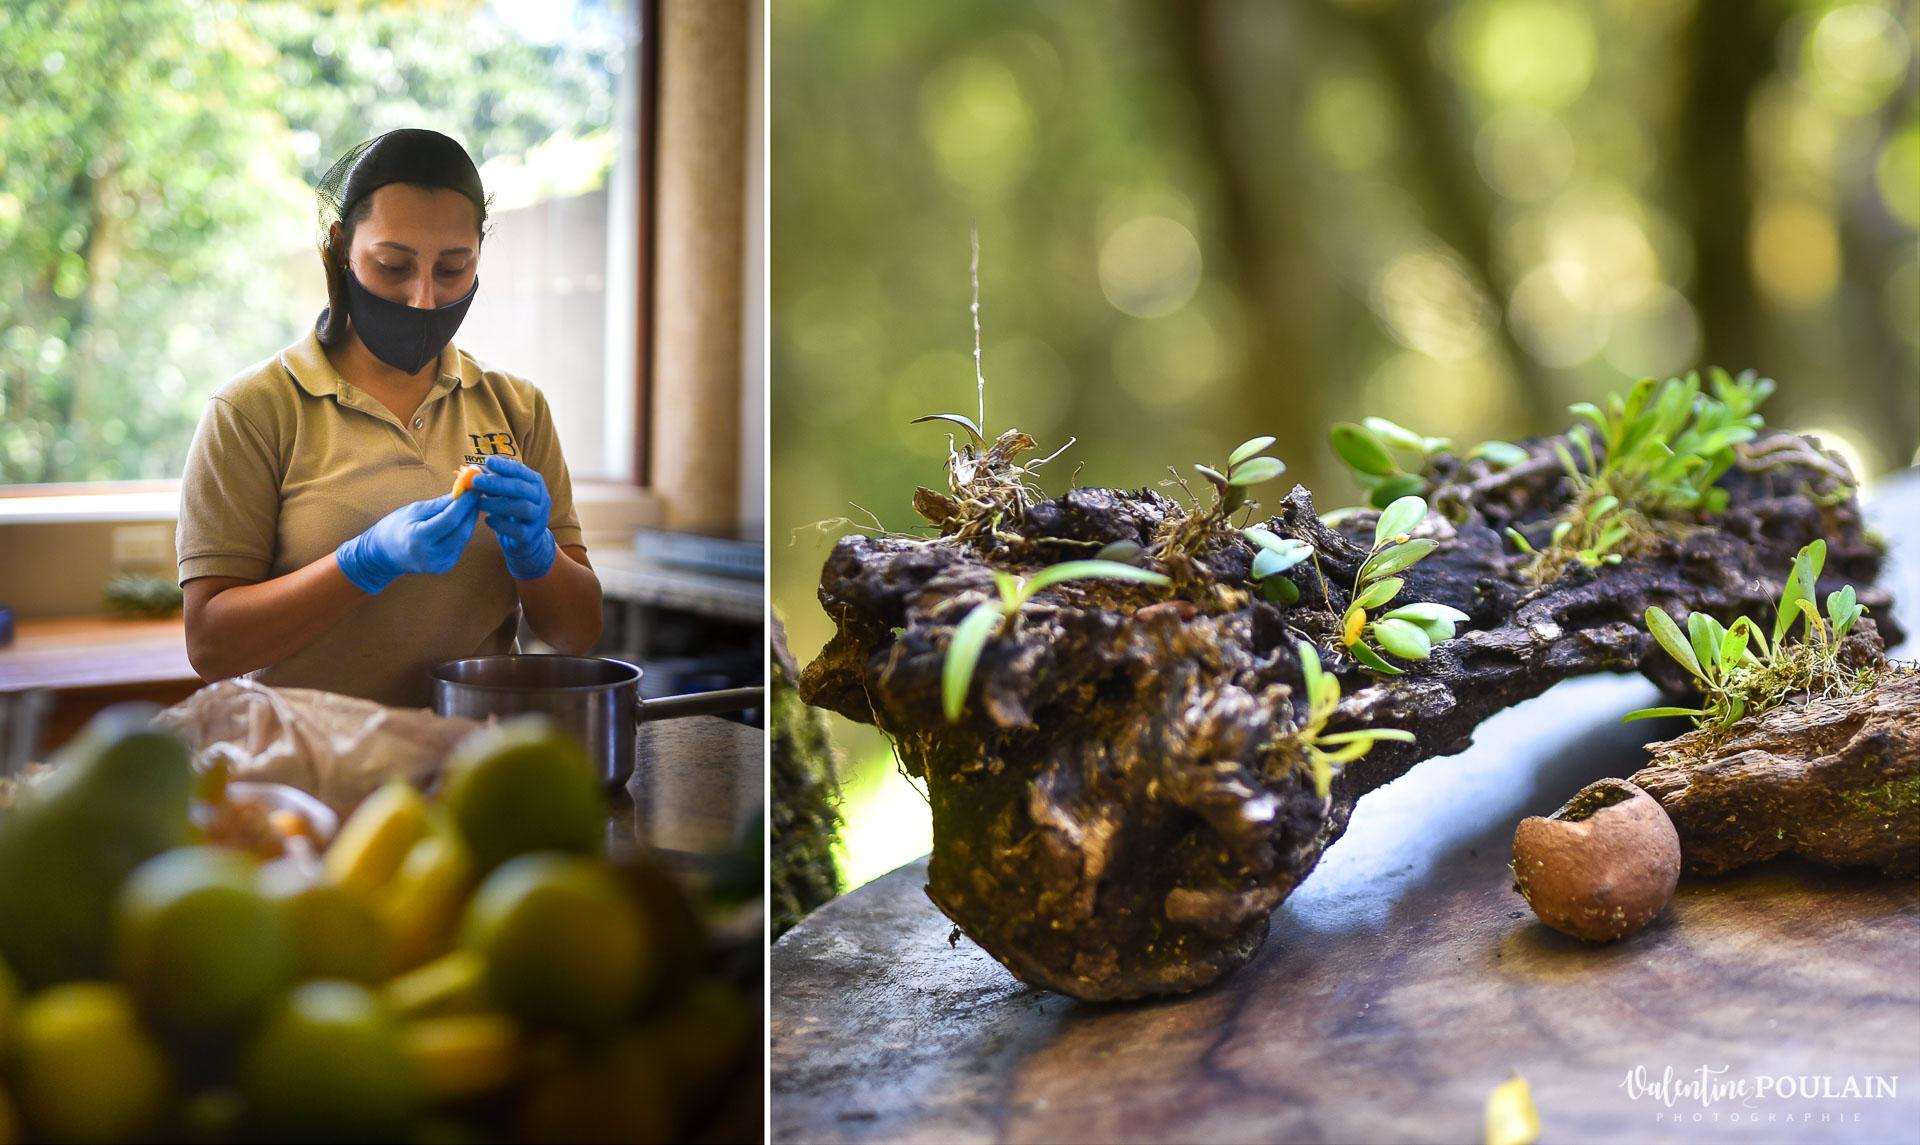 cuisine Photo Hotel Costa Rica Valentine Poulain